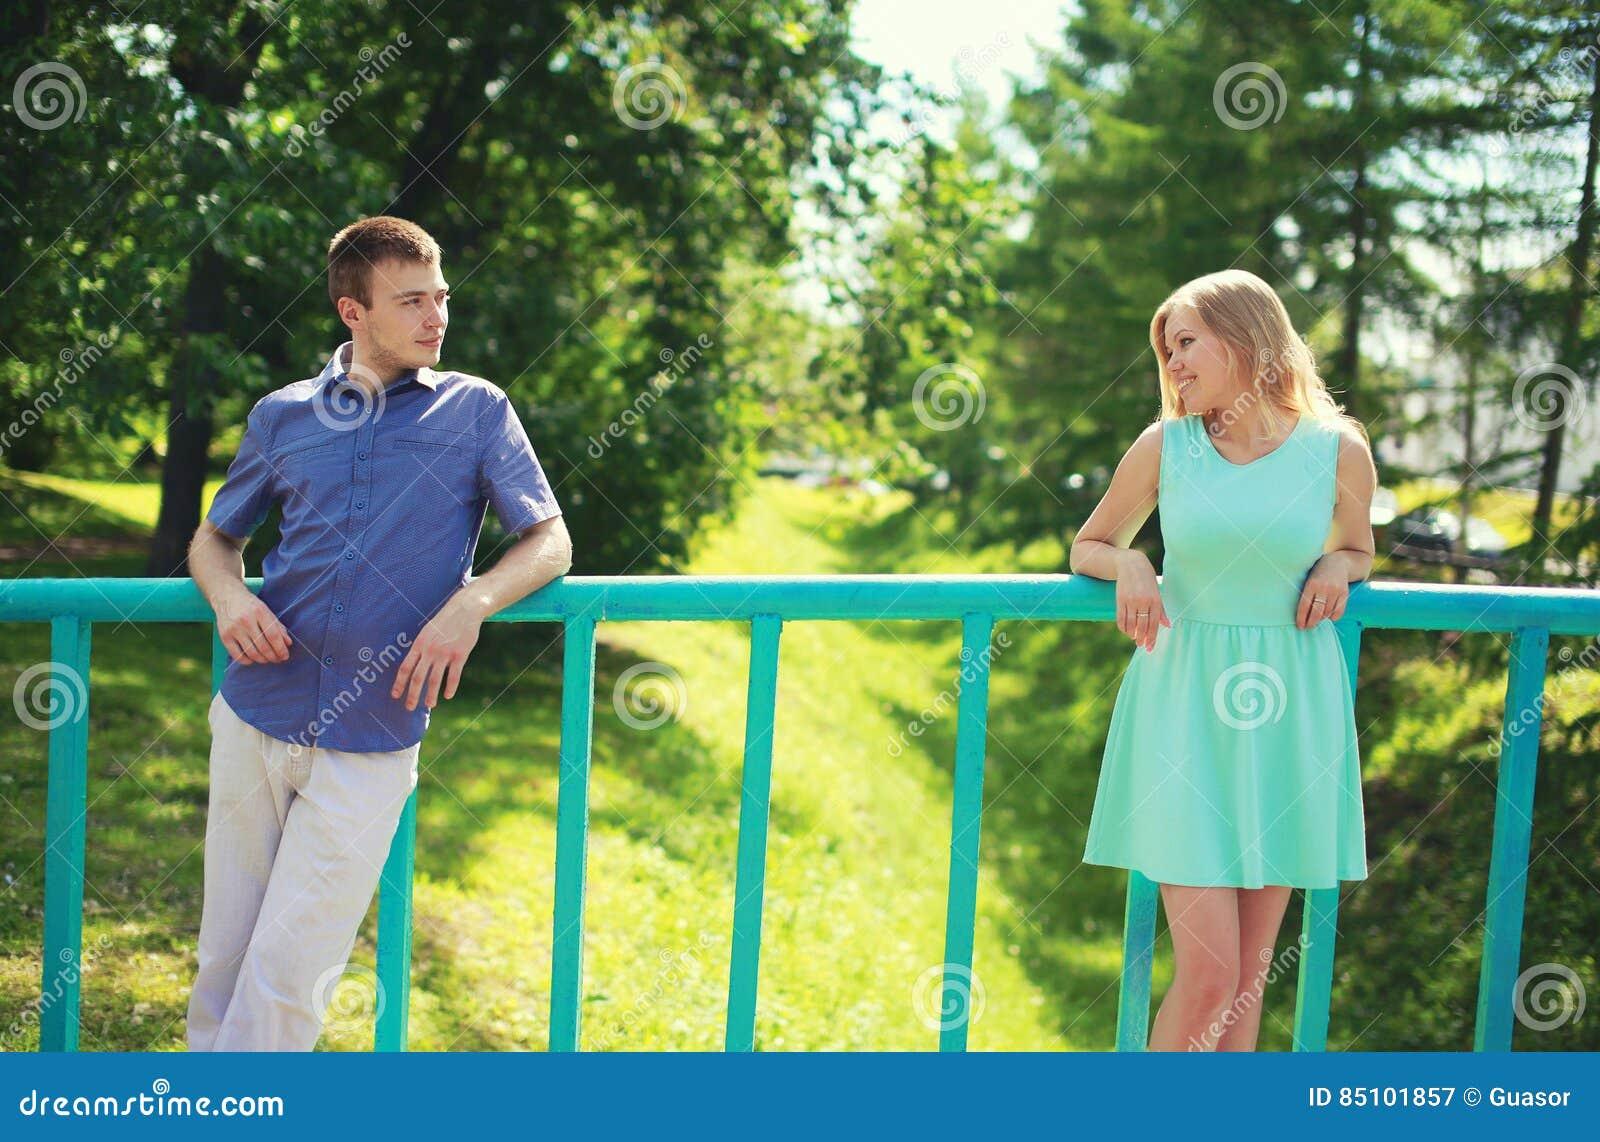 Verbinden Sie das Betrachten einander auf dem Abstand - Liebe, Verhältnisse, Datierung und Flirt